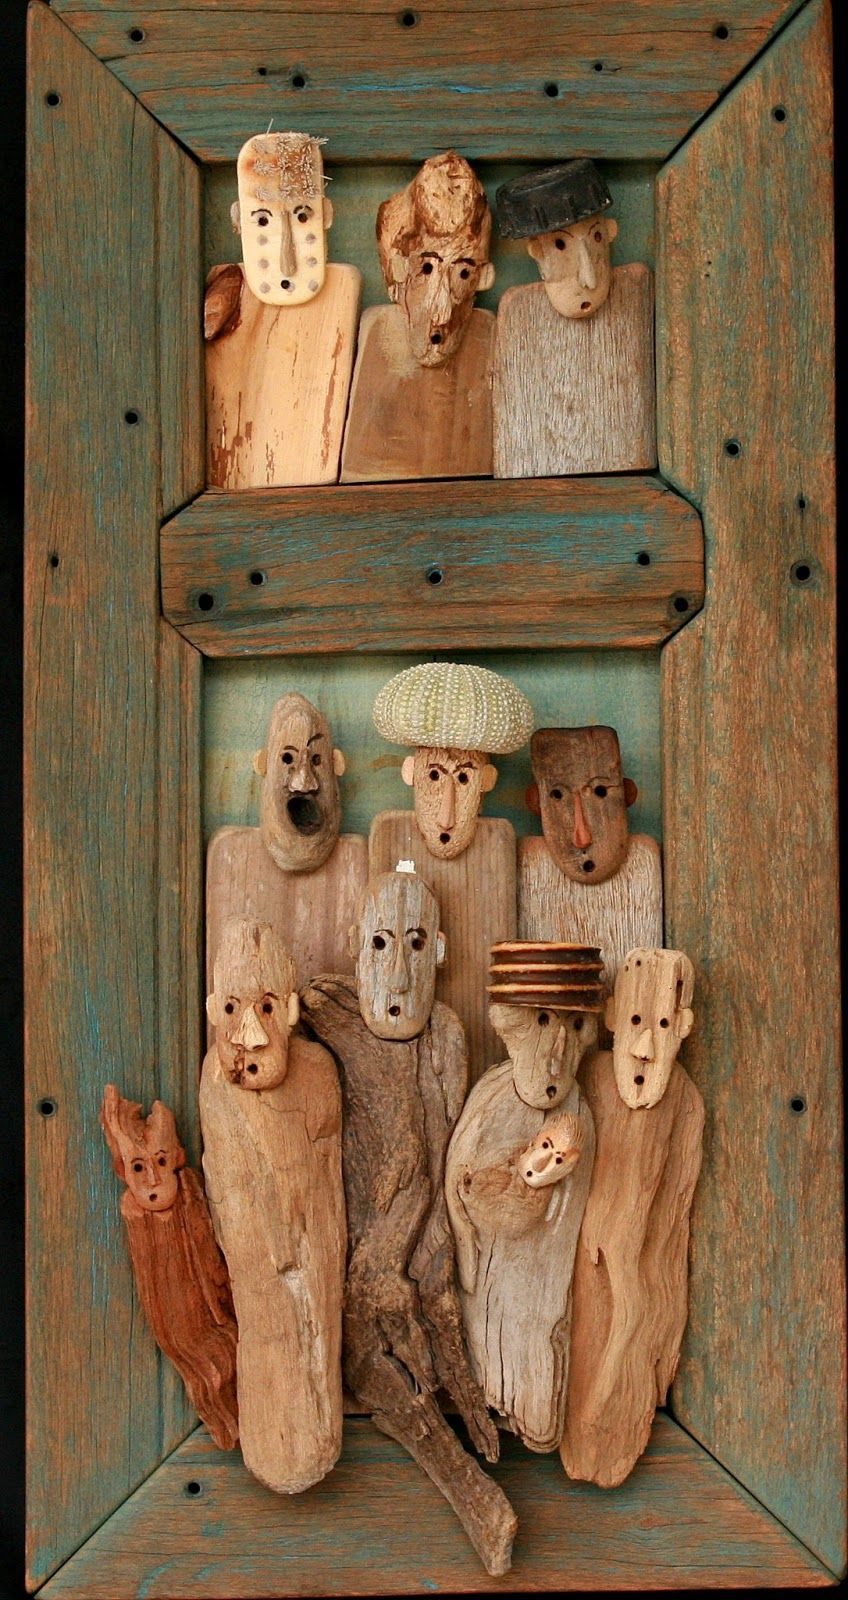 atelier karibu : creations en bois flotte xavier deparis | brico2